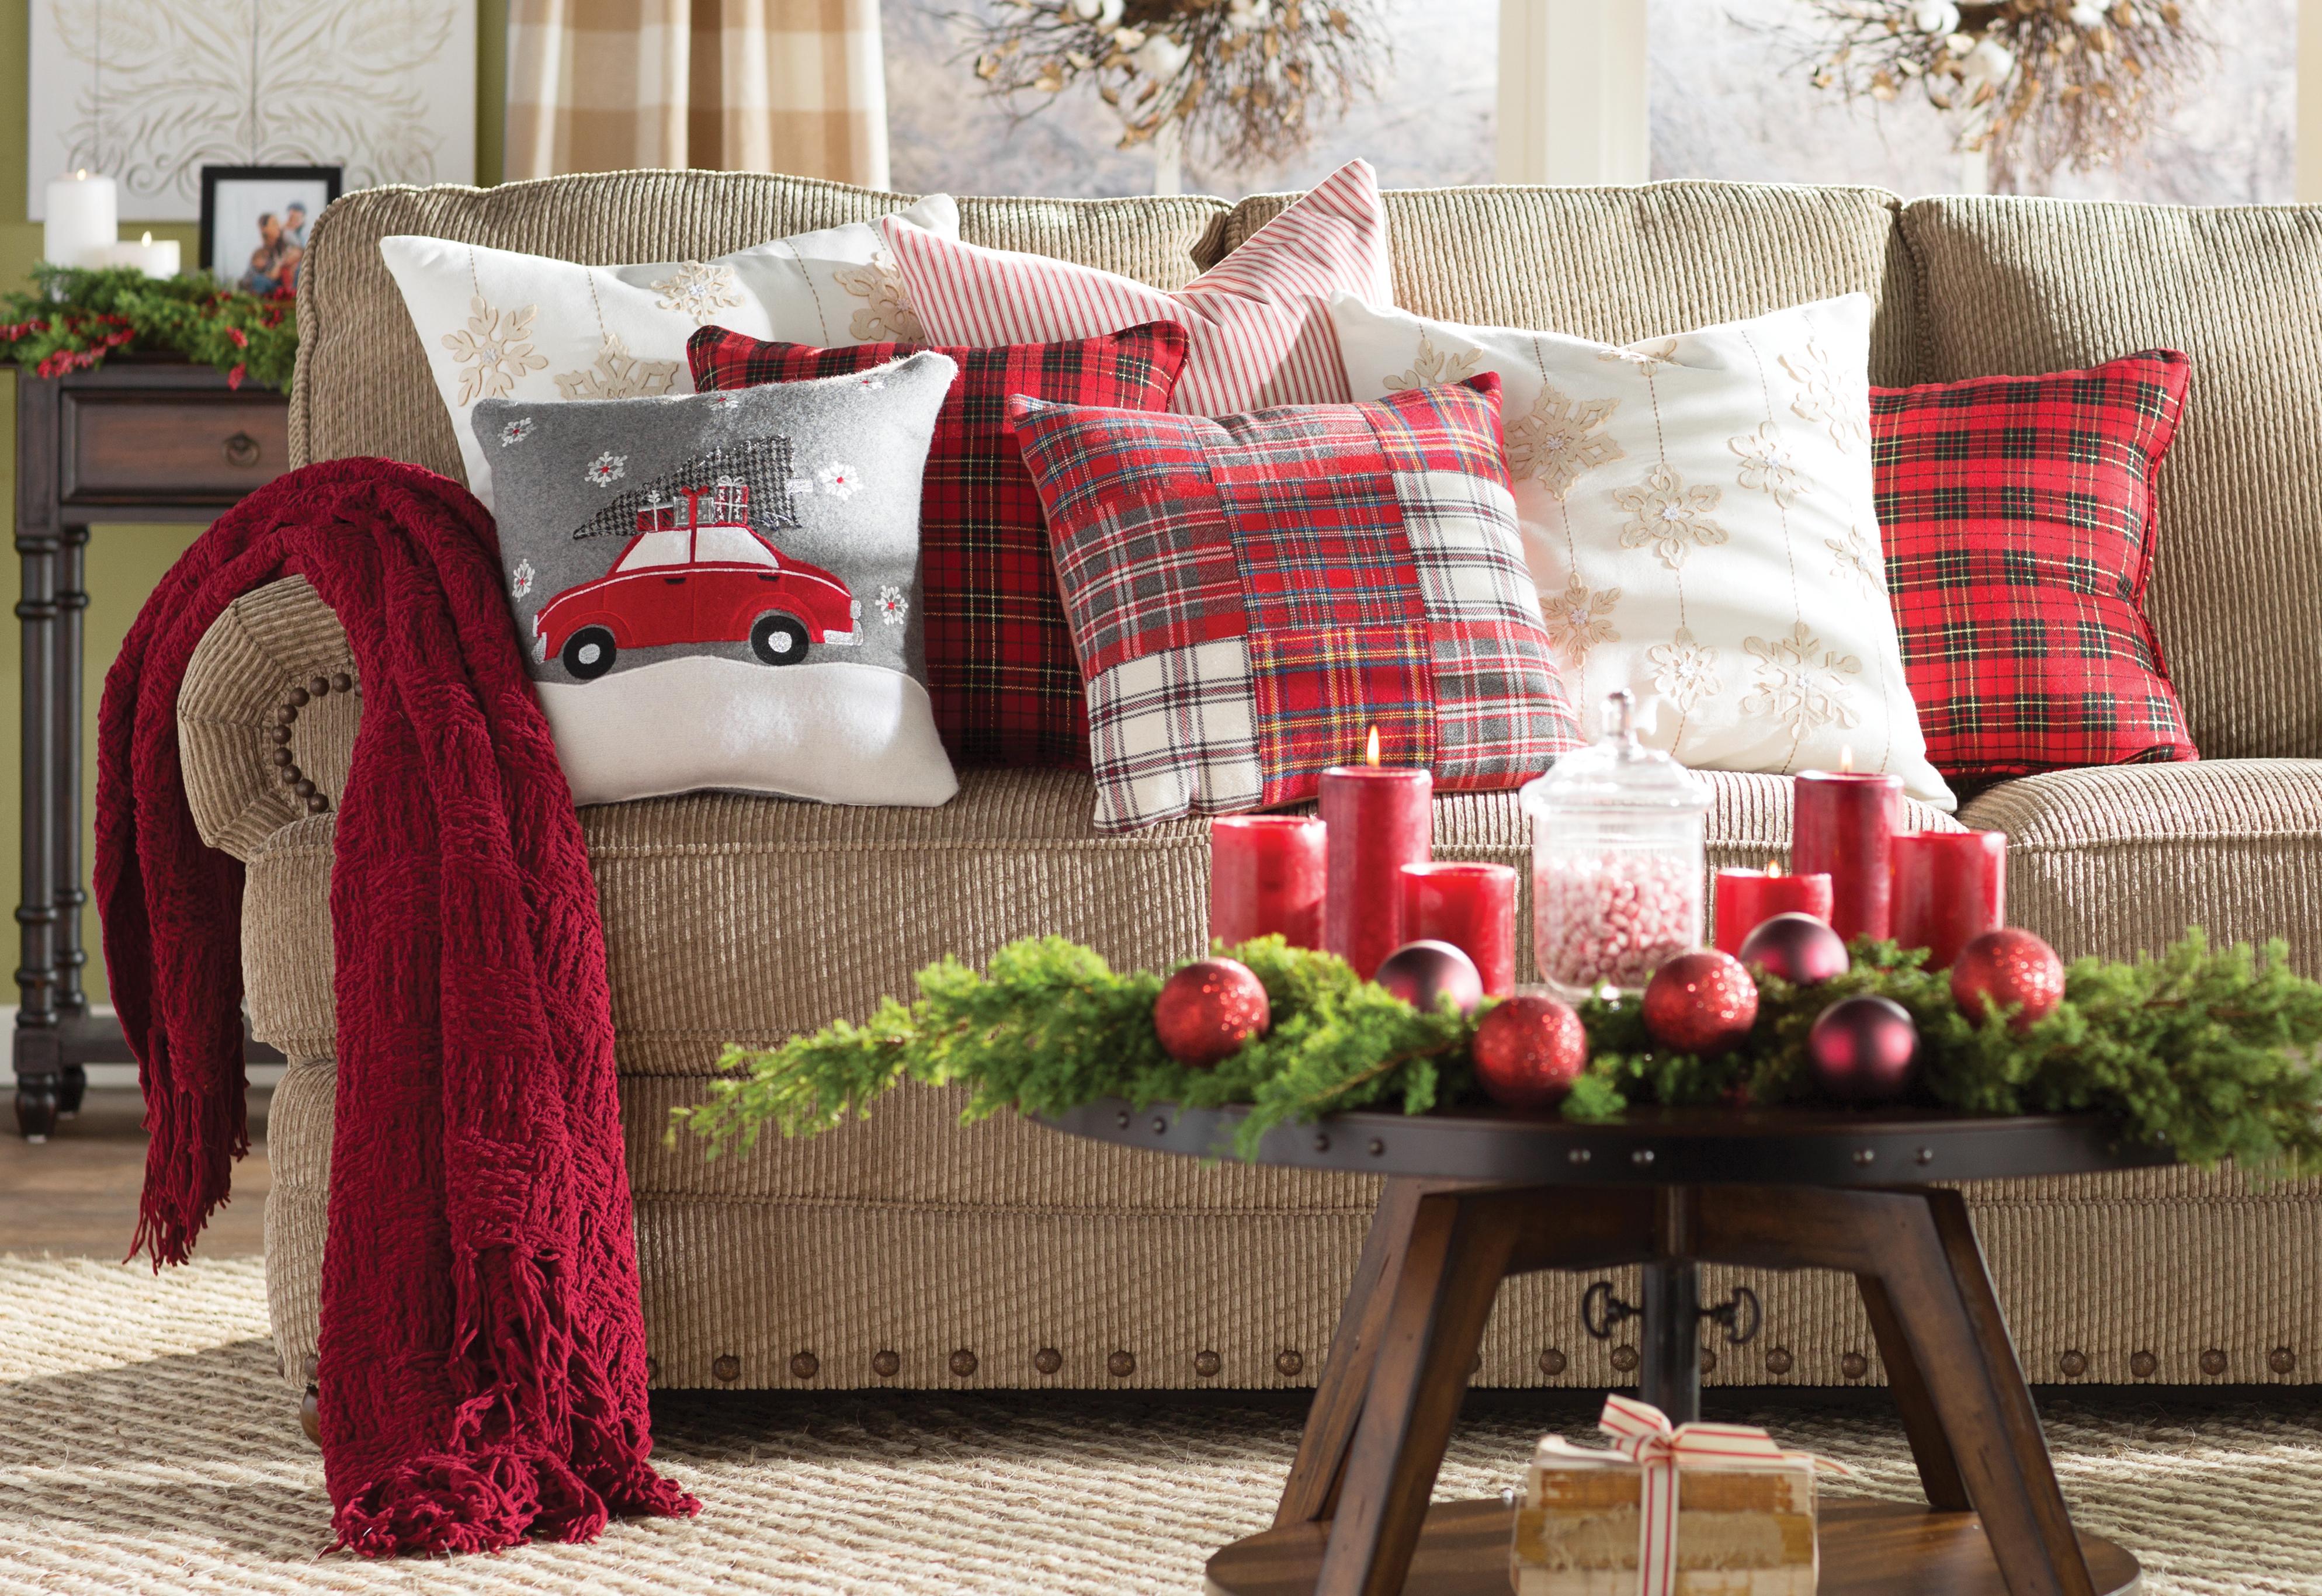 A living room arrangement on Wayfair